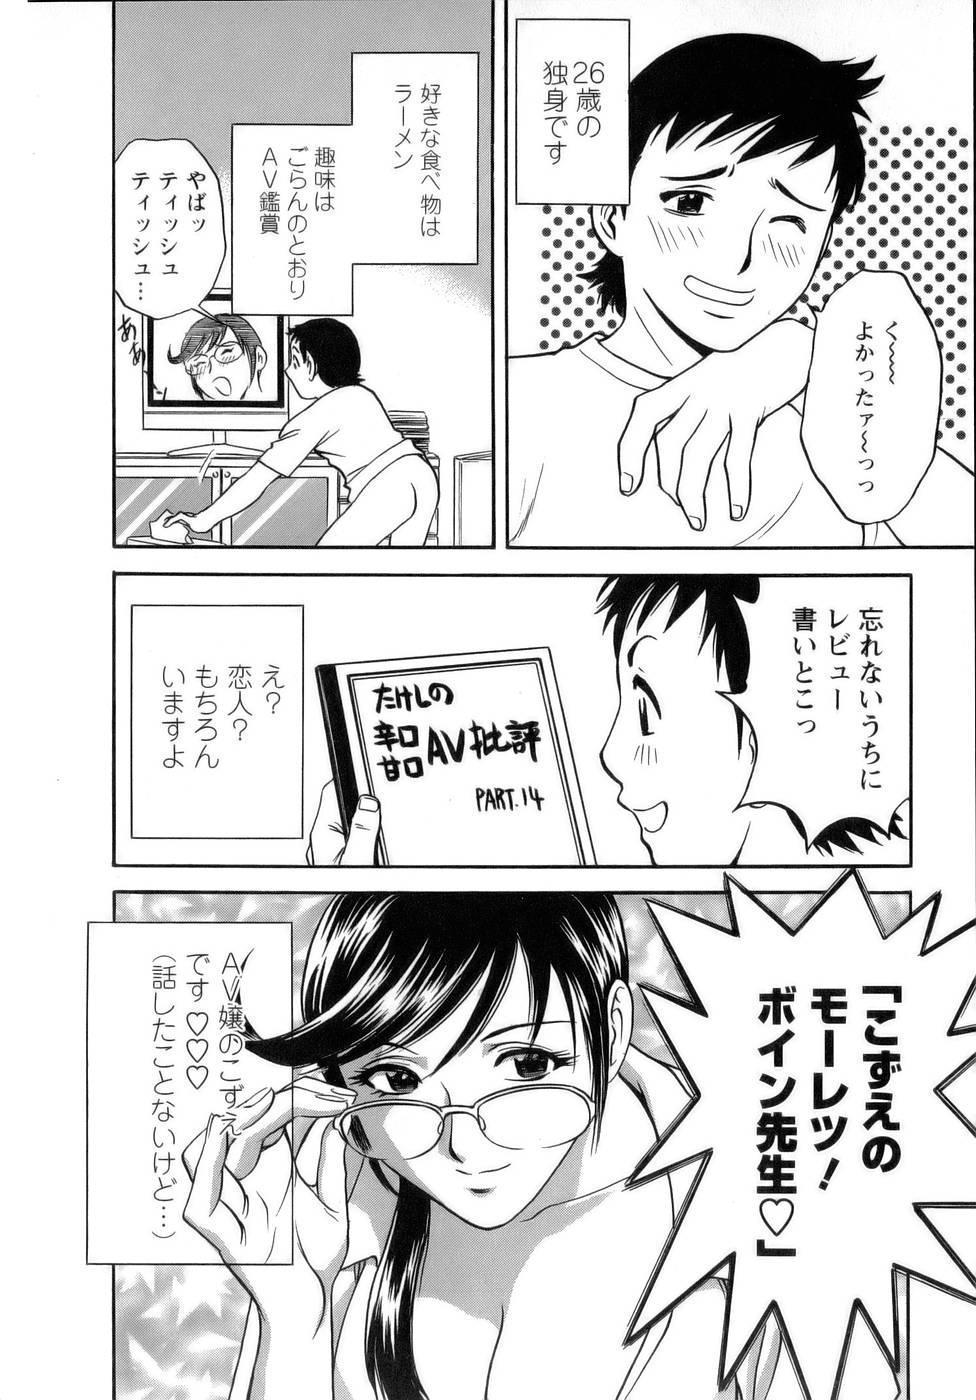 [Hidemaru] Mo-Retsu! Boin Sensei (Boing Boing Teacher) Vol.1 10